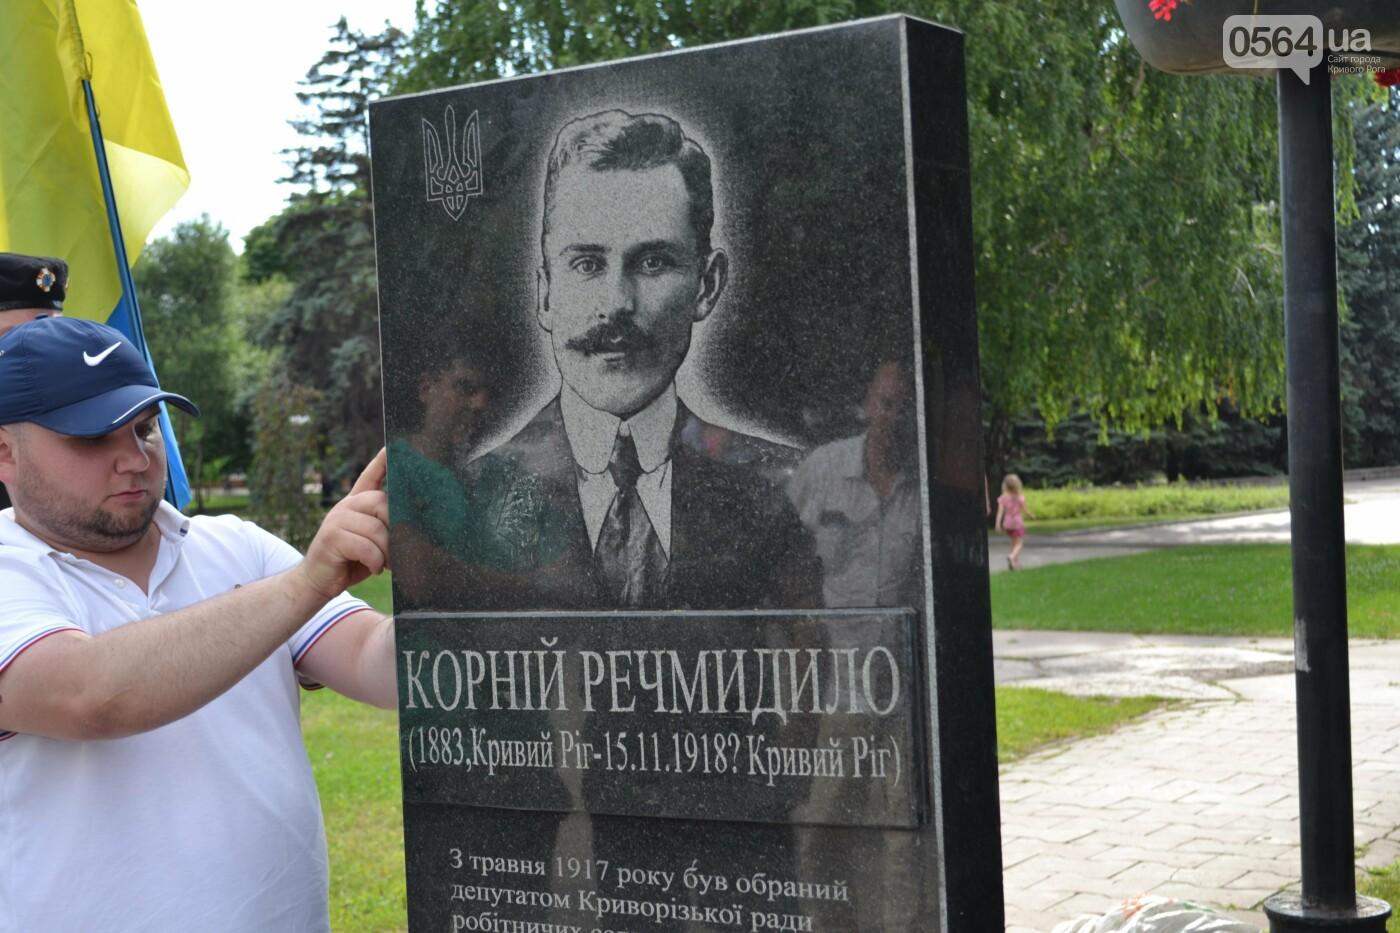 К 30-летию Независимости Украины в Кривом Роге установили мемориальную плиту в память о Корнее Речмидило, - ФОТО, ВИДЕО, фото-39